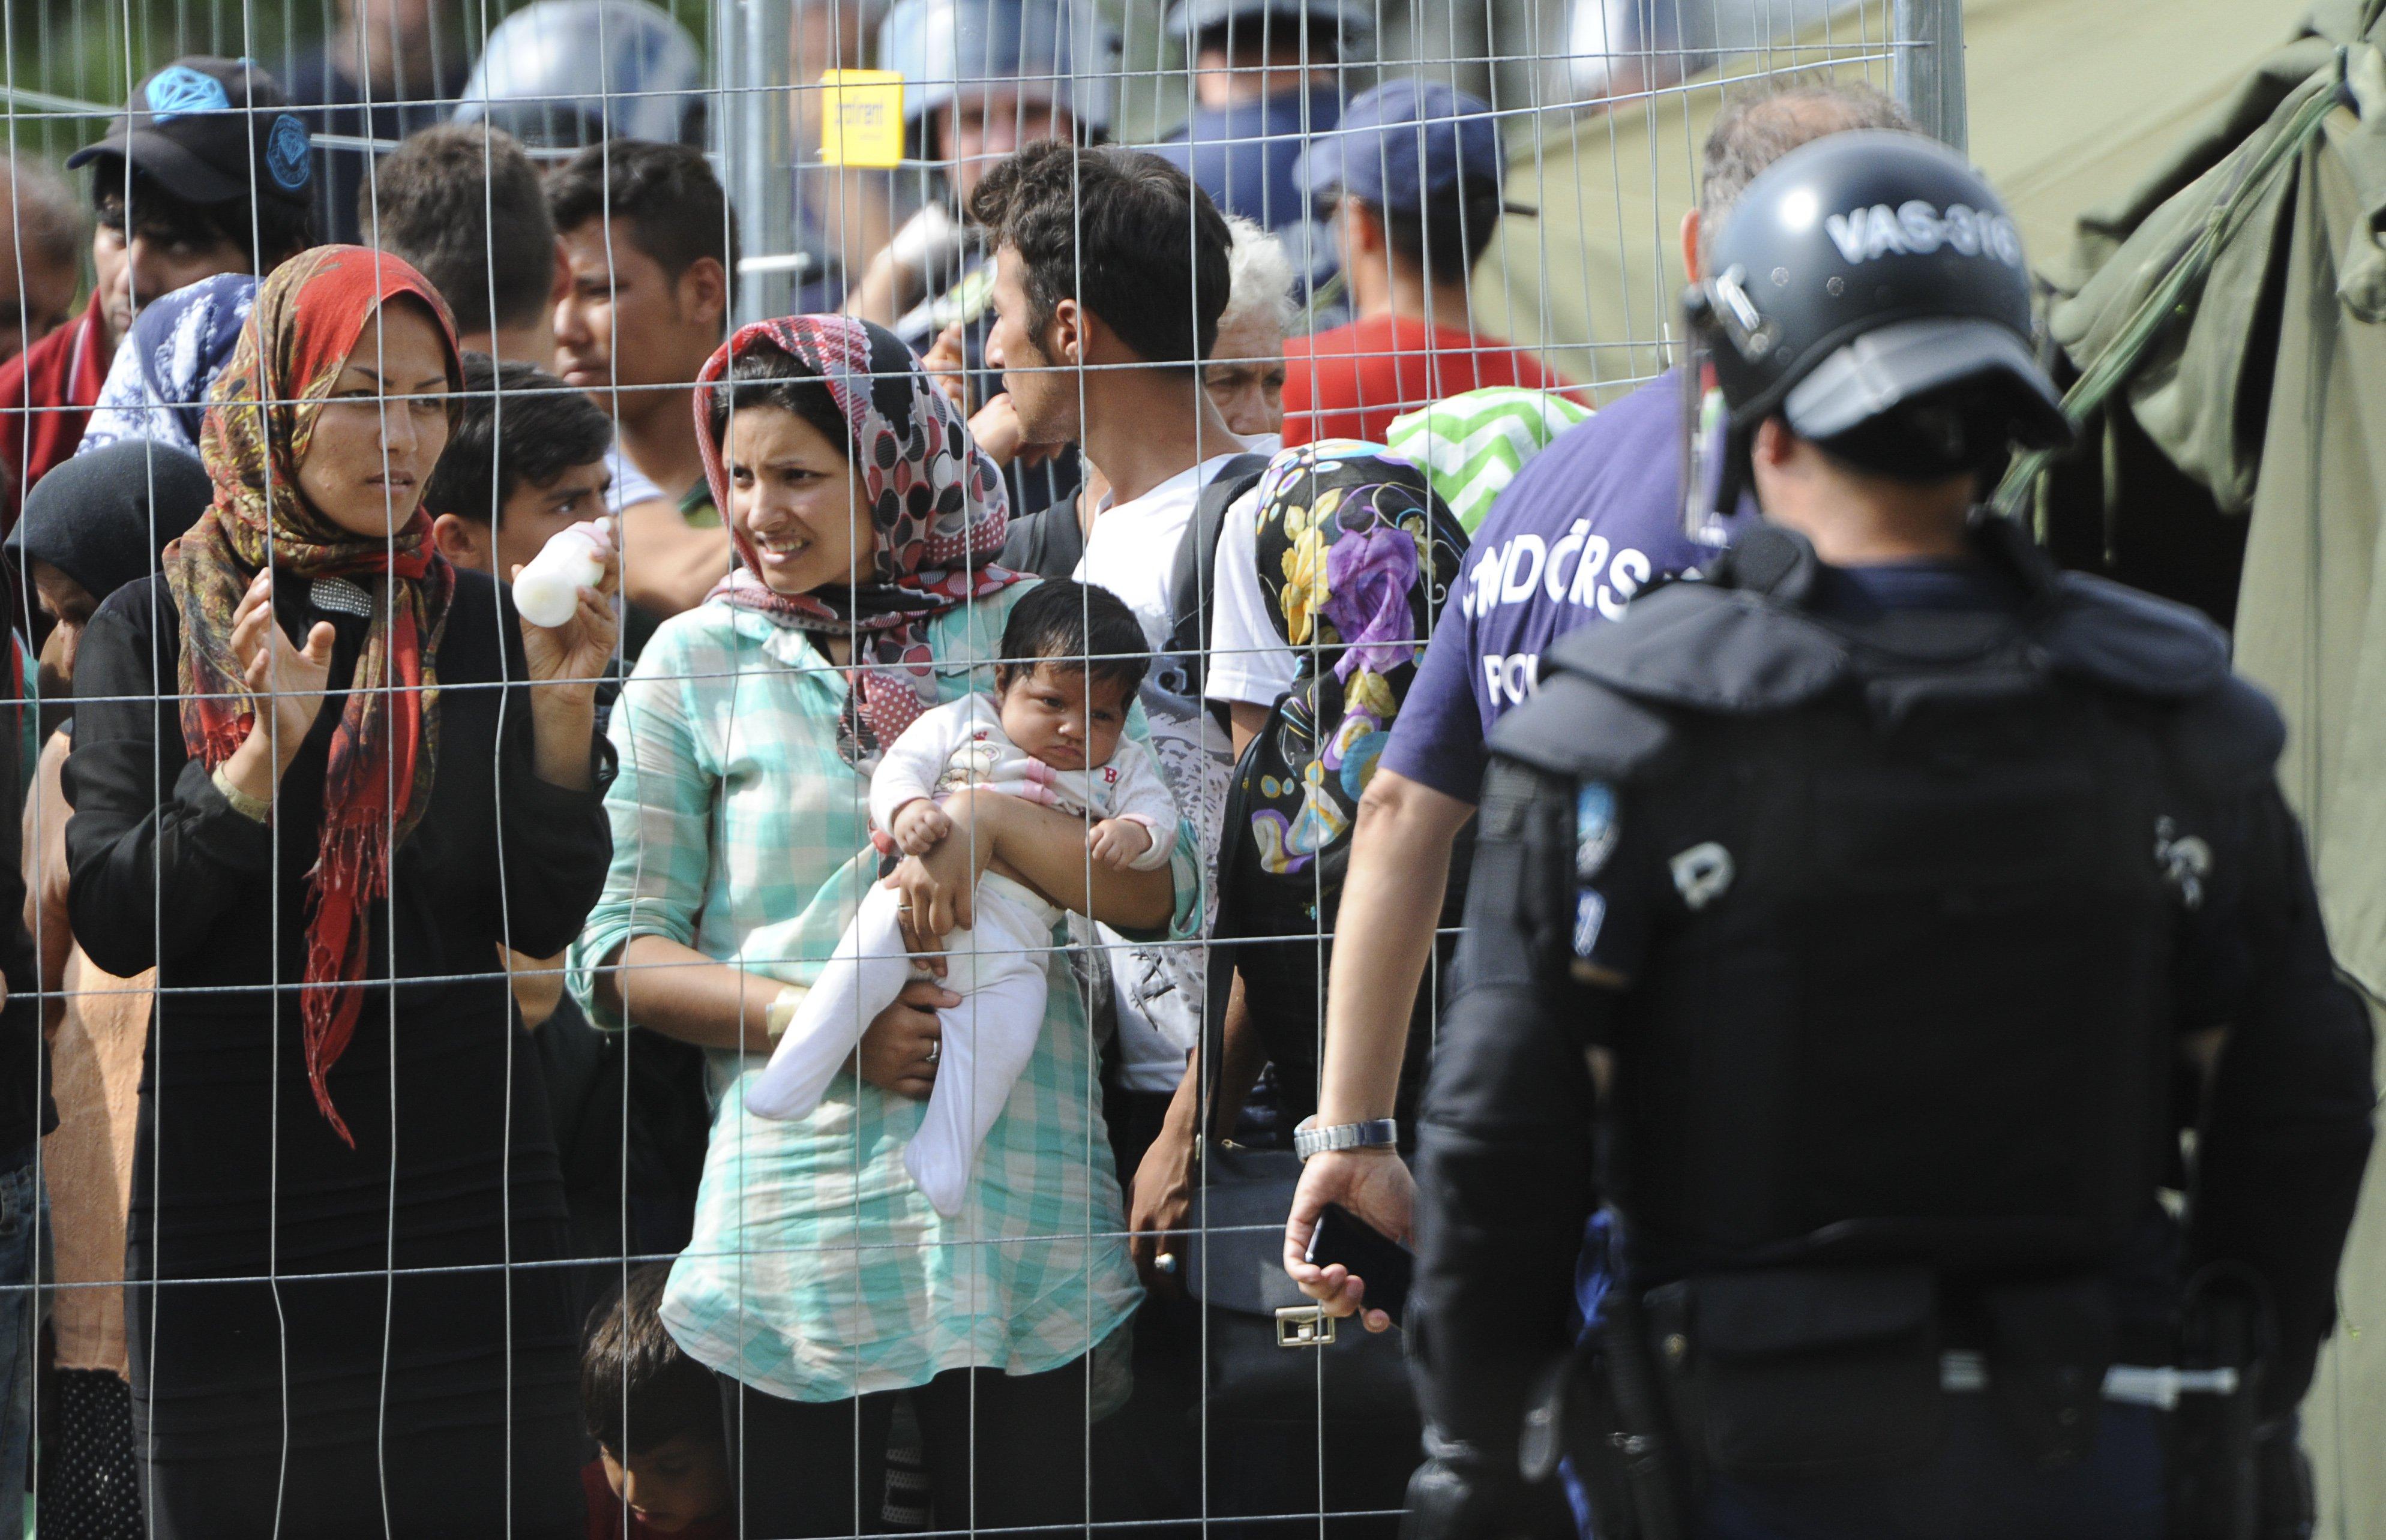 2016-03-07-1457350718-3021178-mujeresrefugiadas.jpg